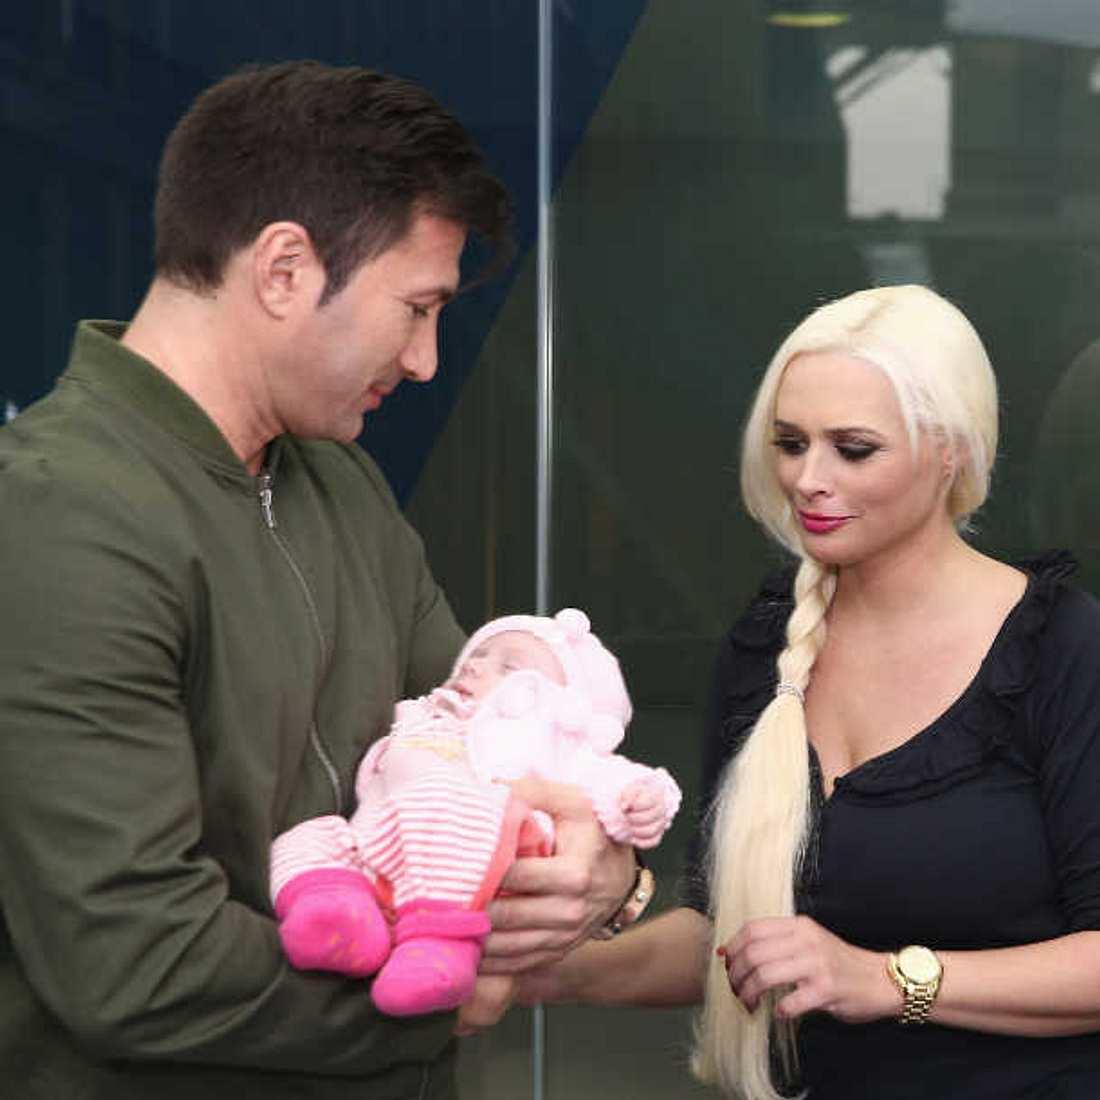 Daniela Katzenberger und Lucas Cordalis: Streit wegen Baby Sophia!